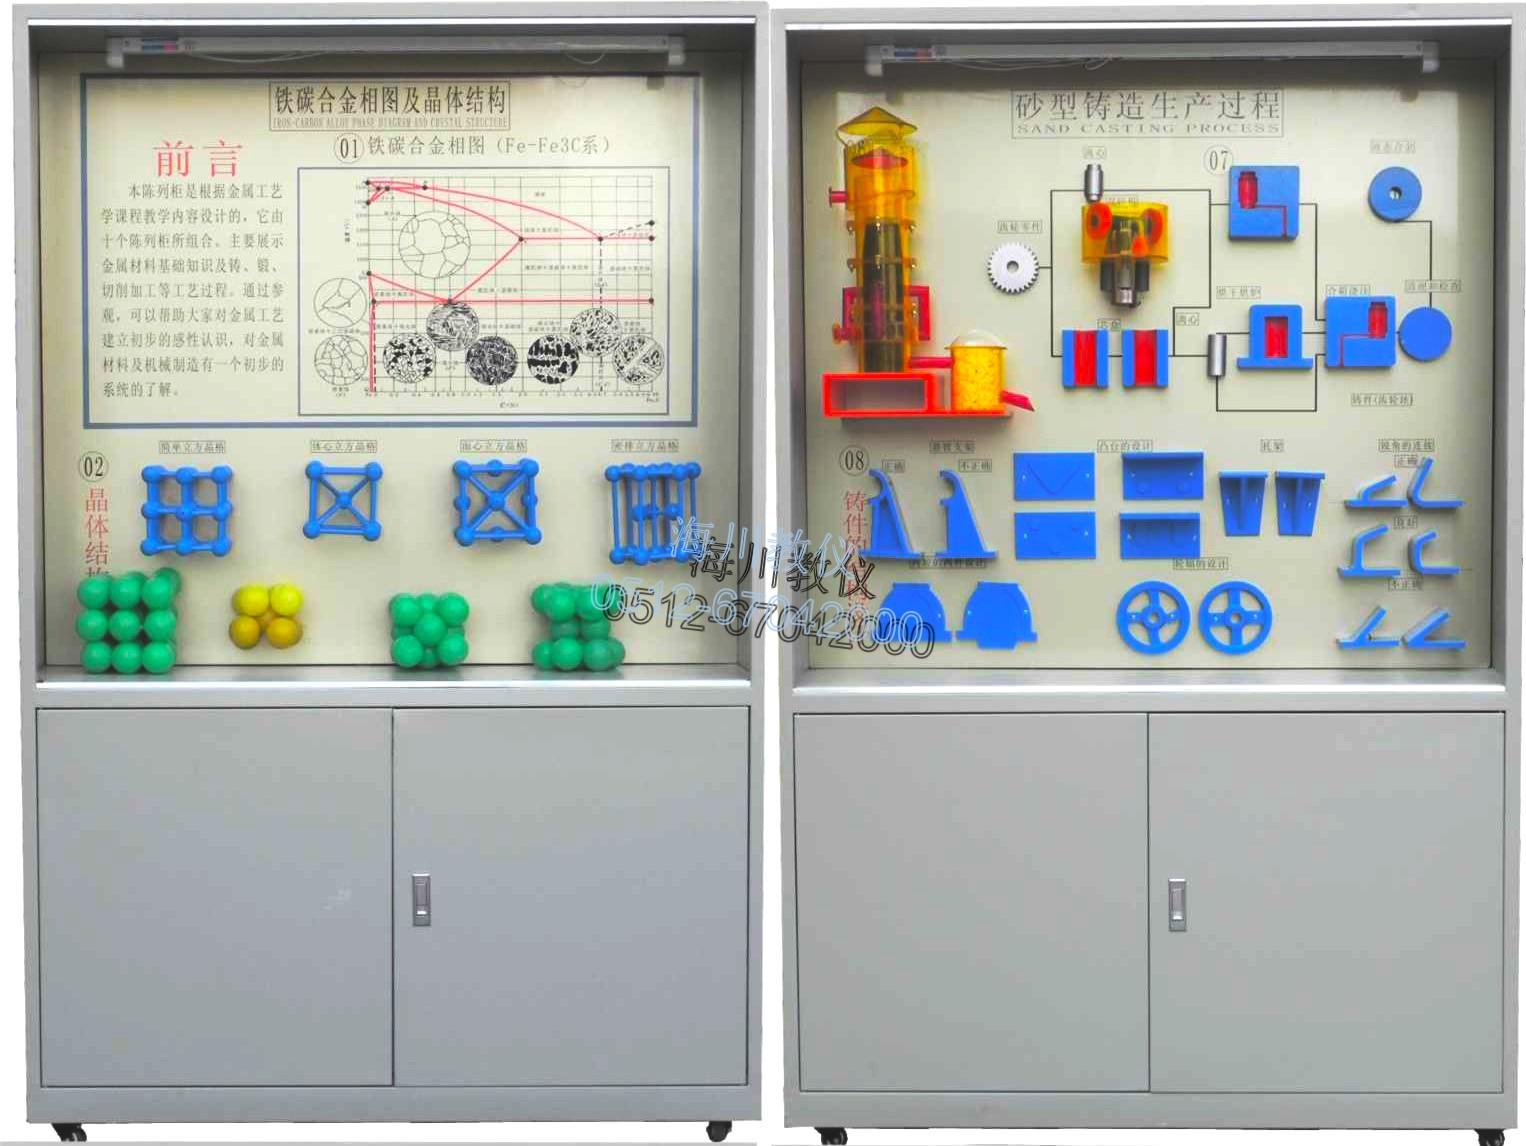 金属工艺学示教陈列柜产品图片